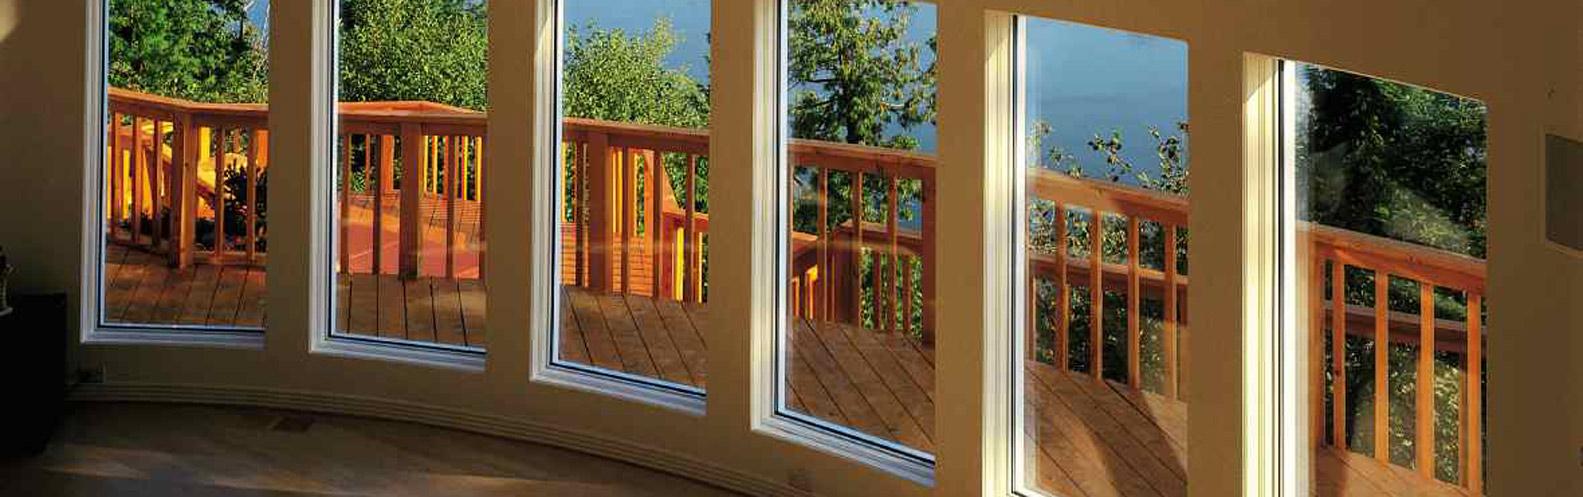 windows patio doors - Windows And Patio Doors